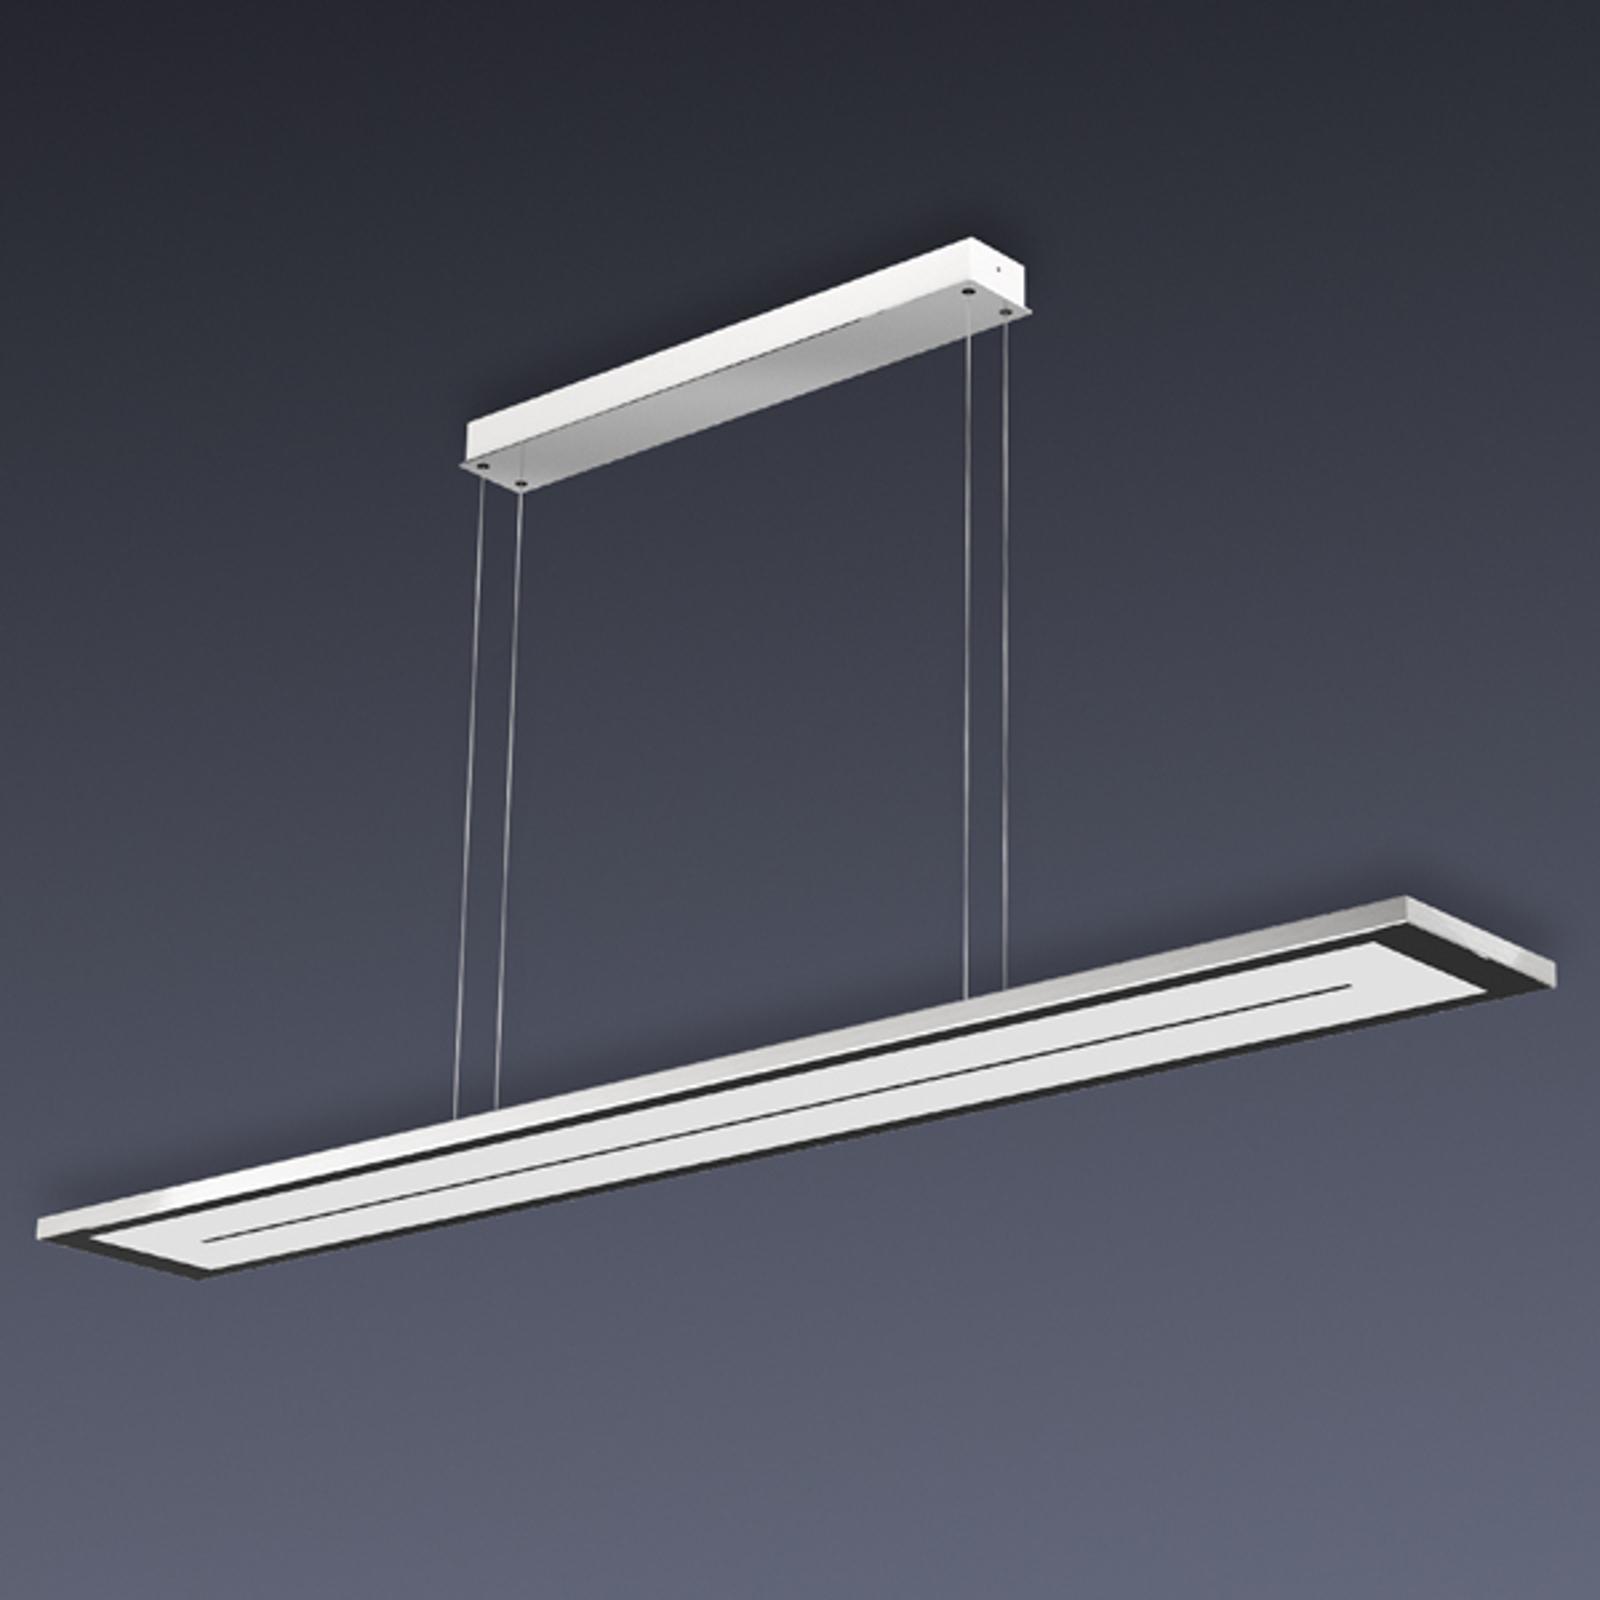 LED-Pendelleuchte Zen - 138 cm